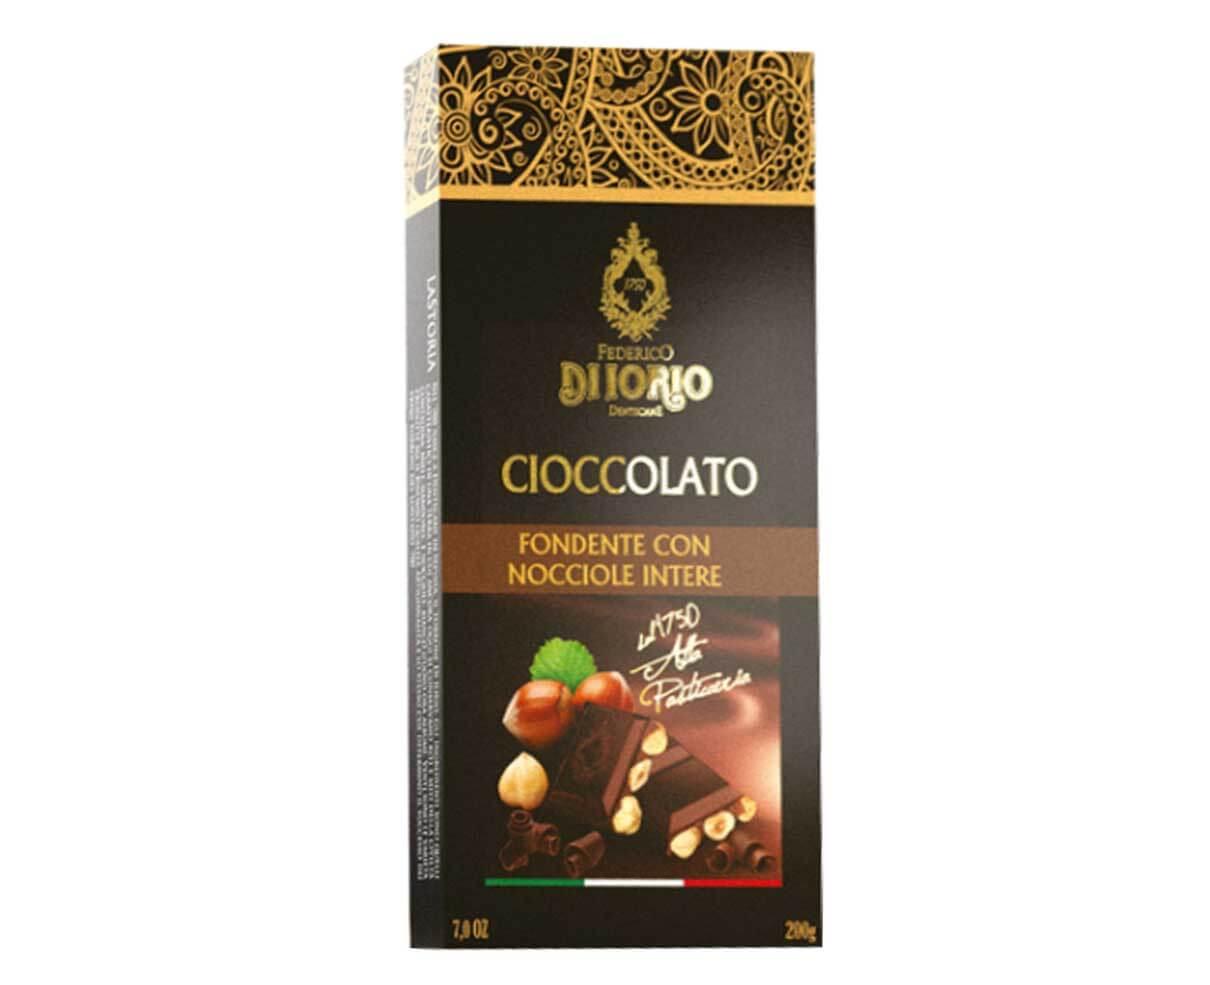 Cioccolato fondente con nocciole intere Di Iorio 100gr